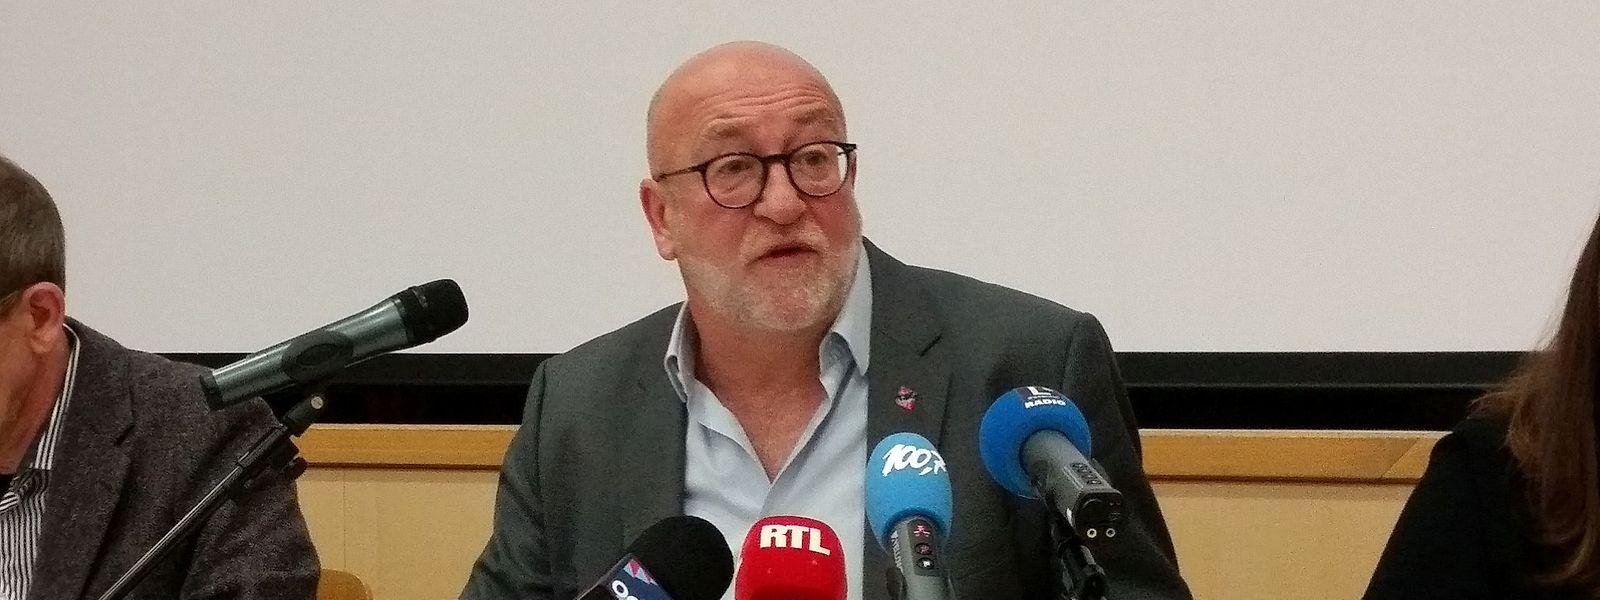 André Roeltgen, président de l'OGBL.